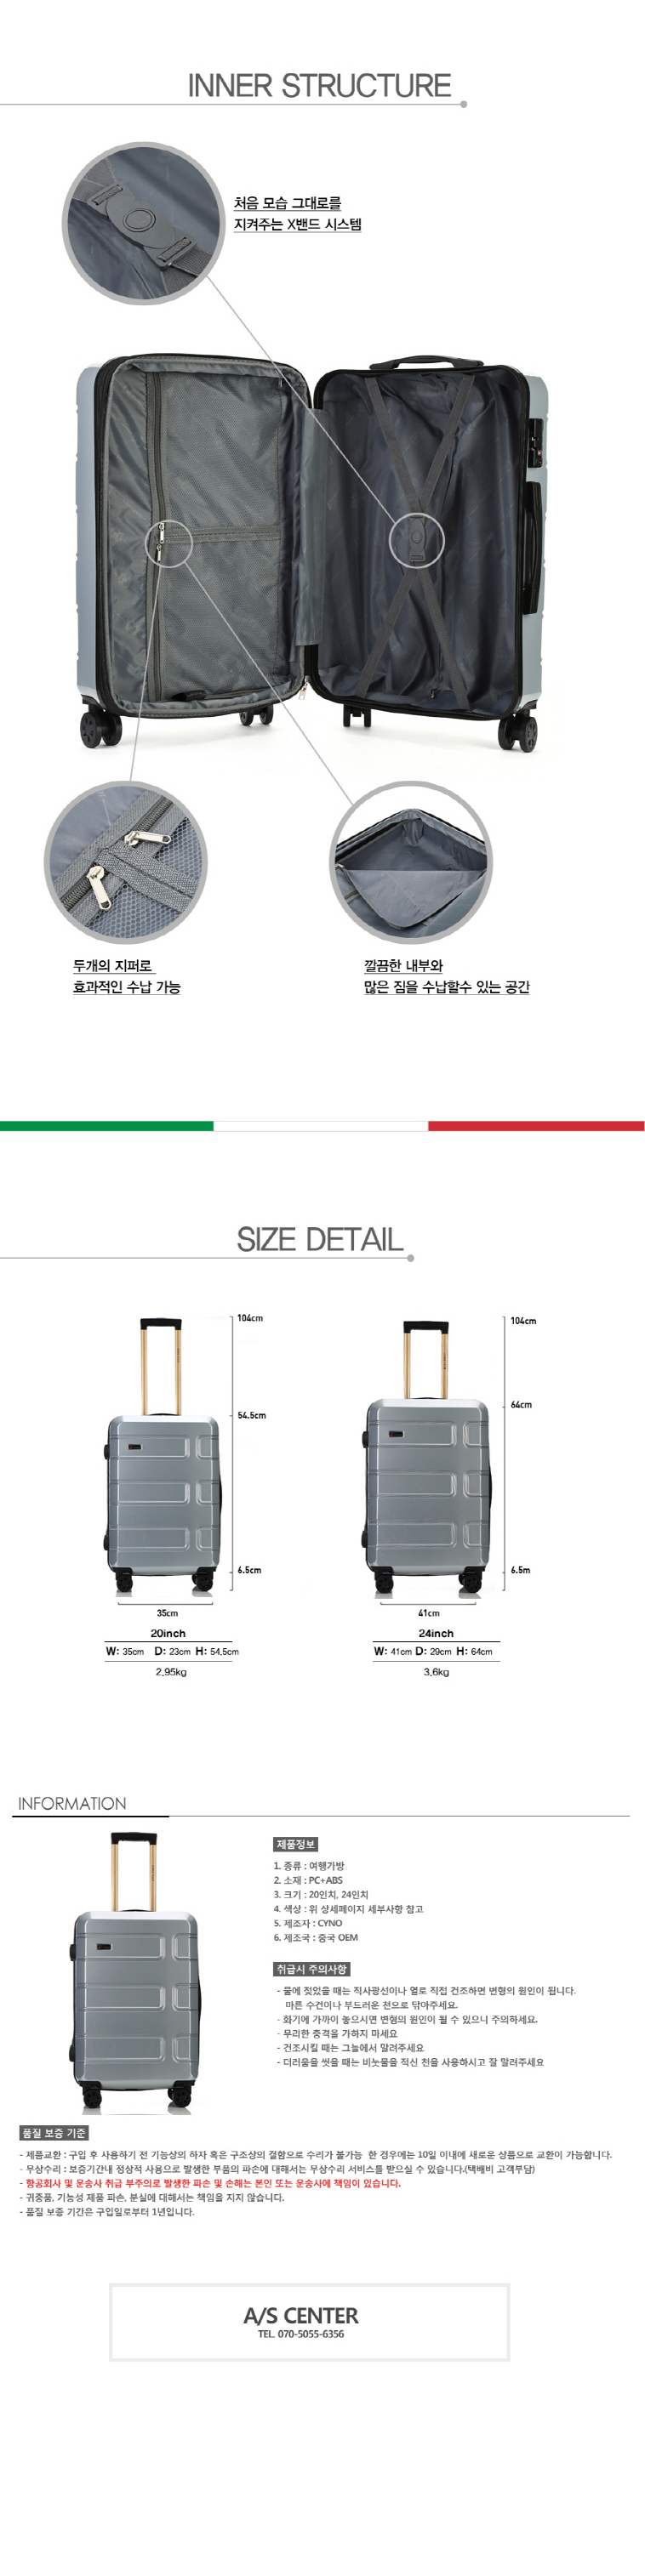 싸이노 브릭스 실버 20인치 하드캐리어 여행가방 - 꼬뱅, 119,000원, 하드형, 중형(24형) 이하